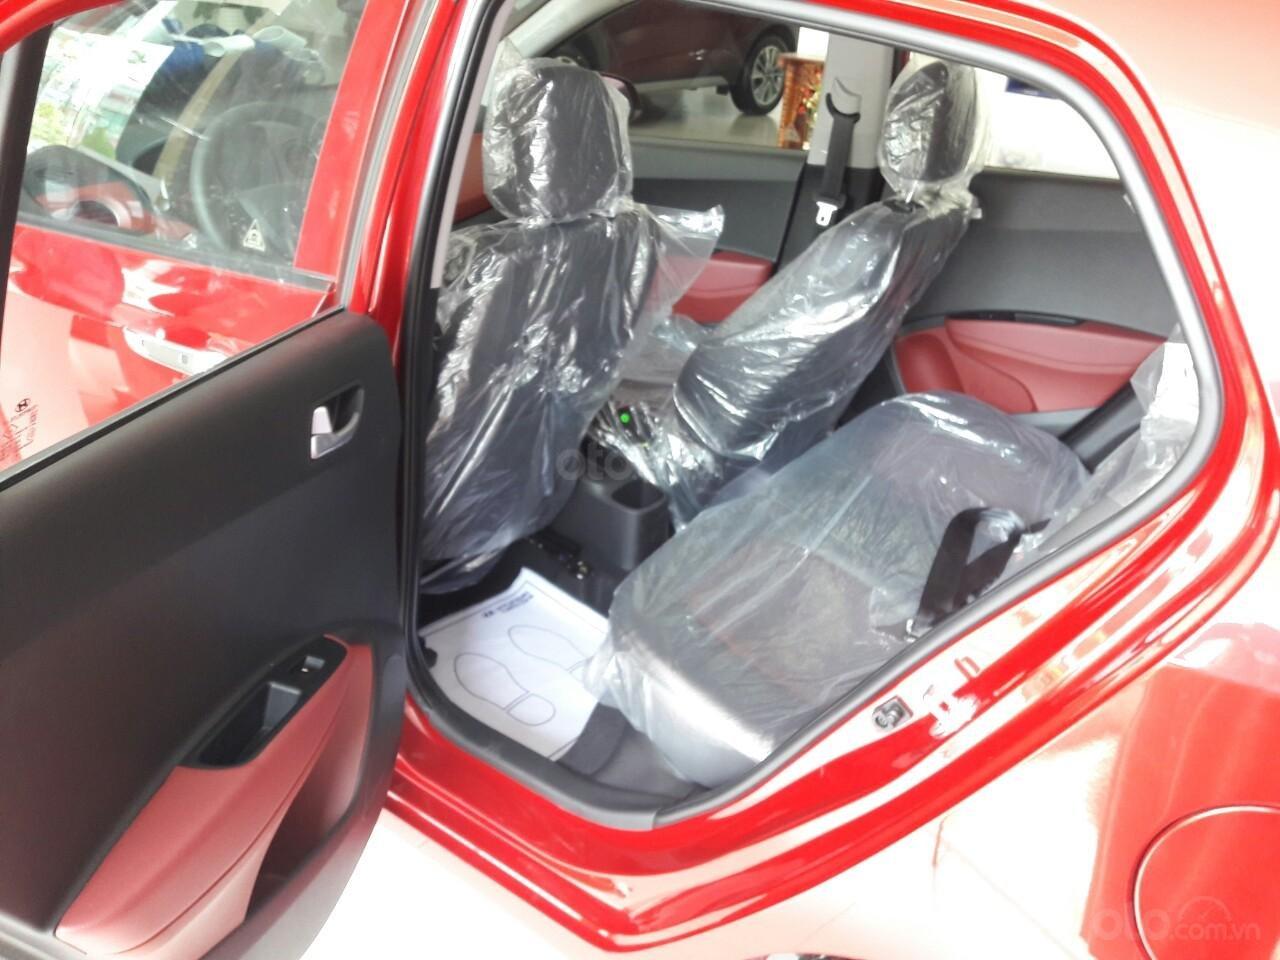 Bán Hyundai Grand I10 1.2AT, màu đỏ nhận xe ngay chỉ với 120tr, hỗ trợ đăng ký Grab, vay trả góp LS cực ưu đãi (5)